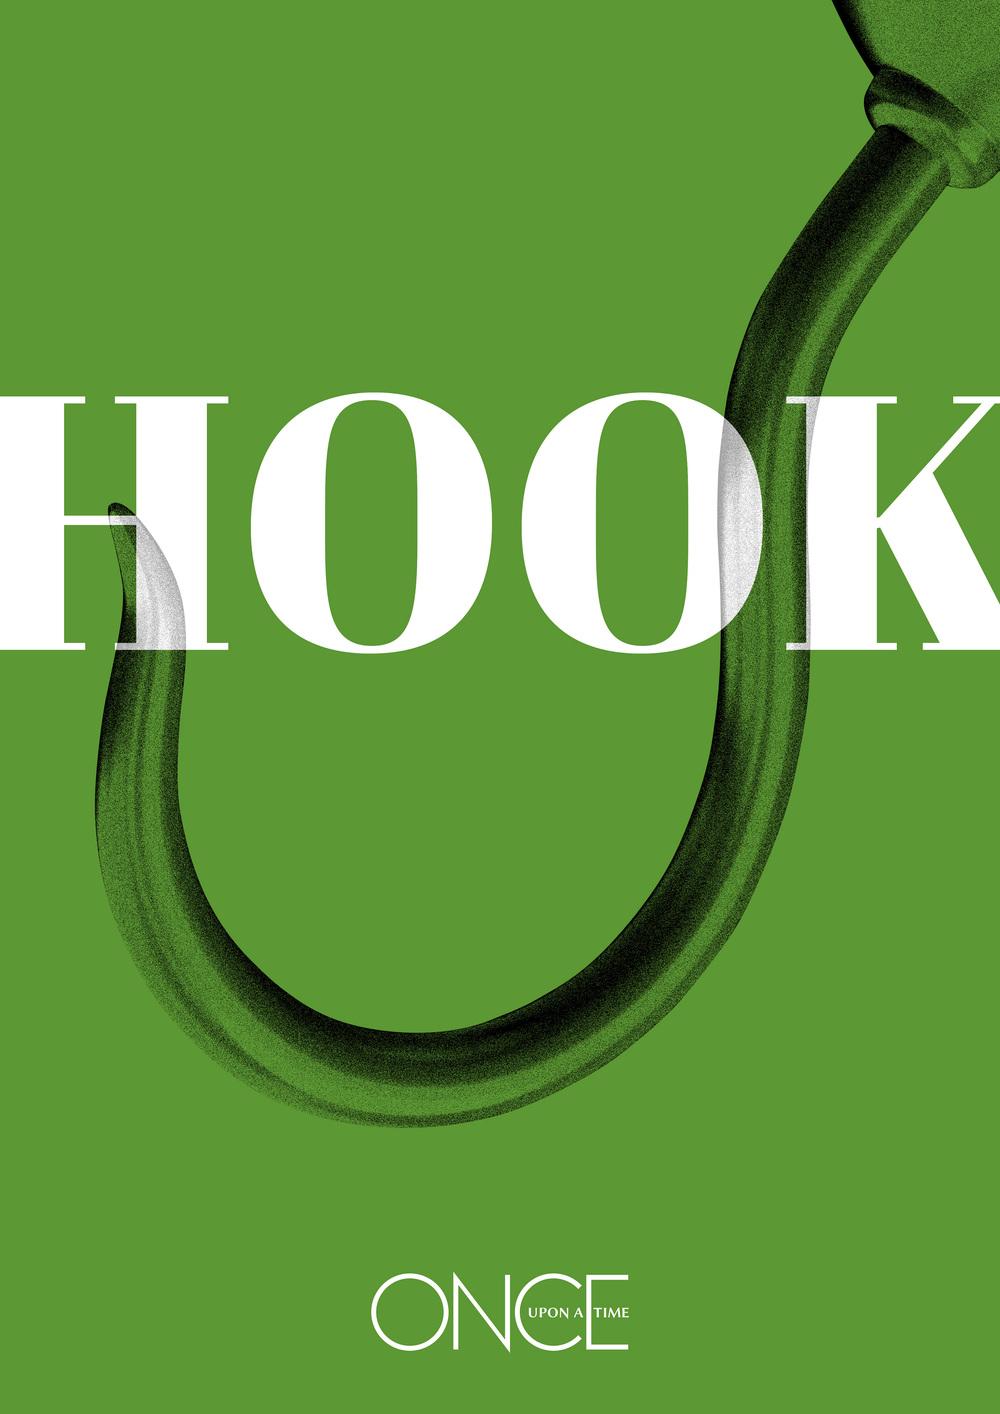 posters_hook.jpg